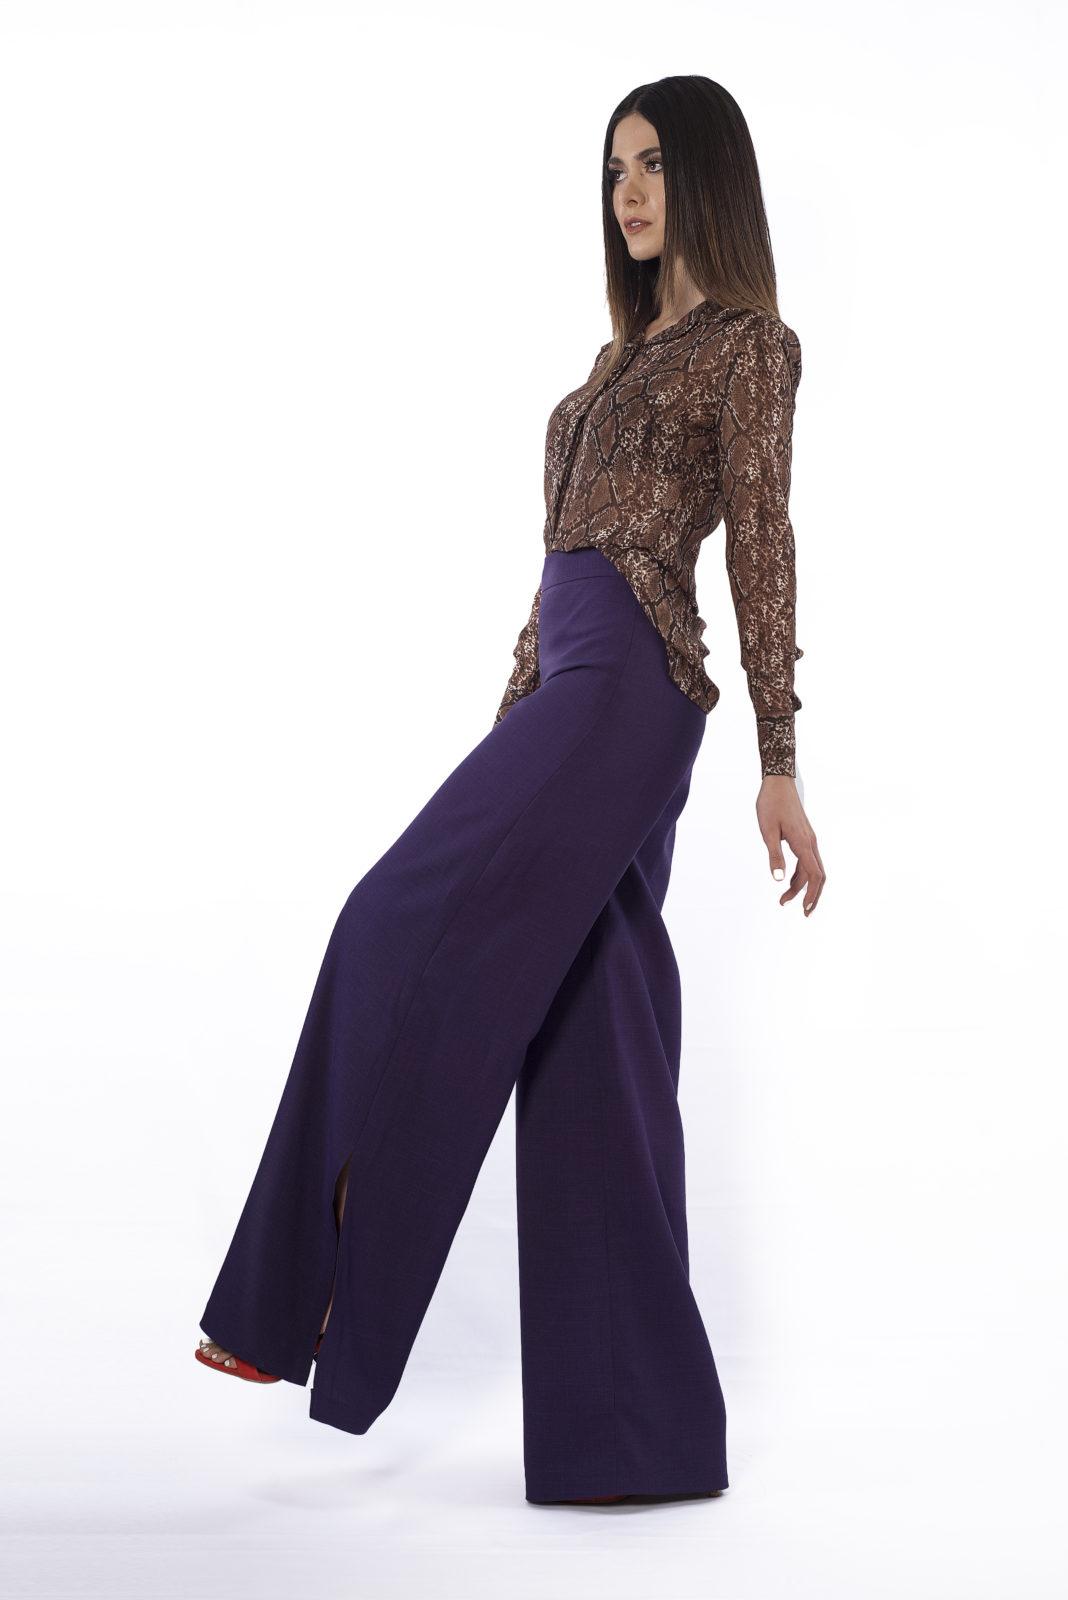 Pantalon Pata De Elefante Diana Altamirano